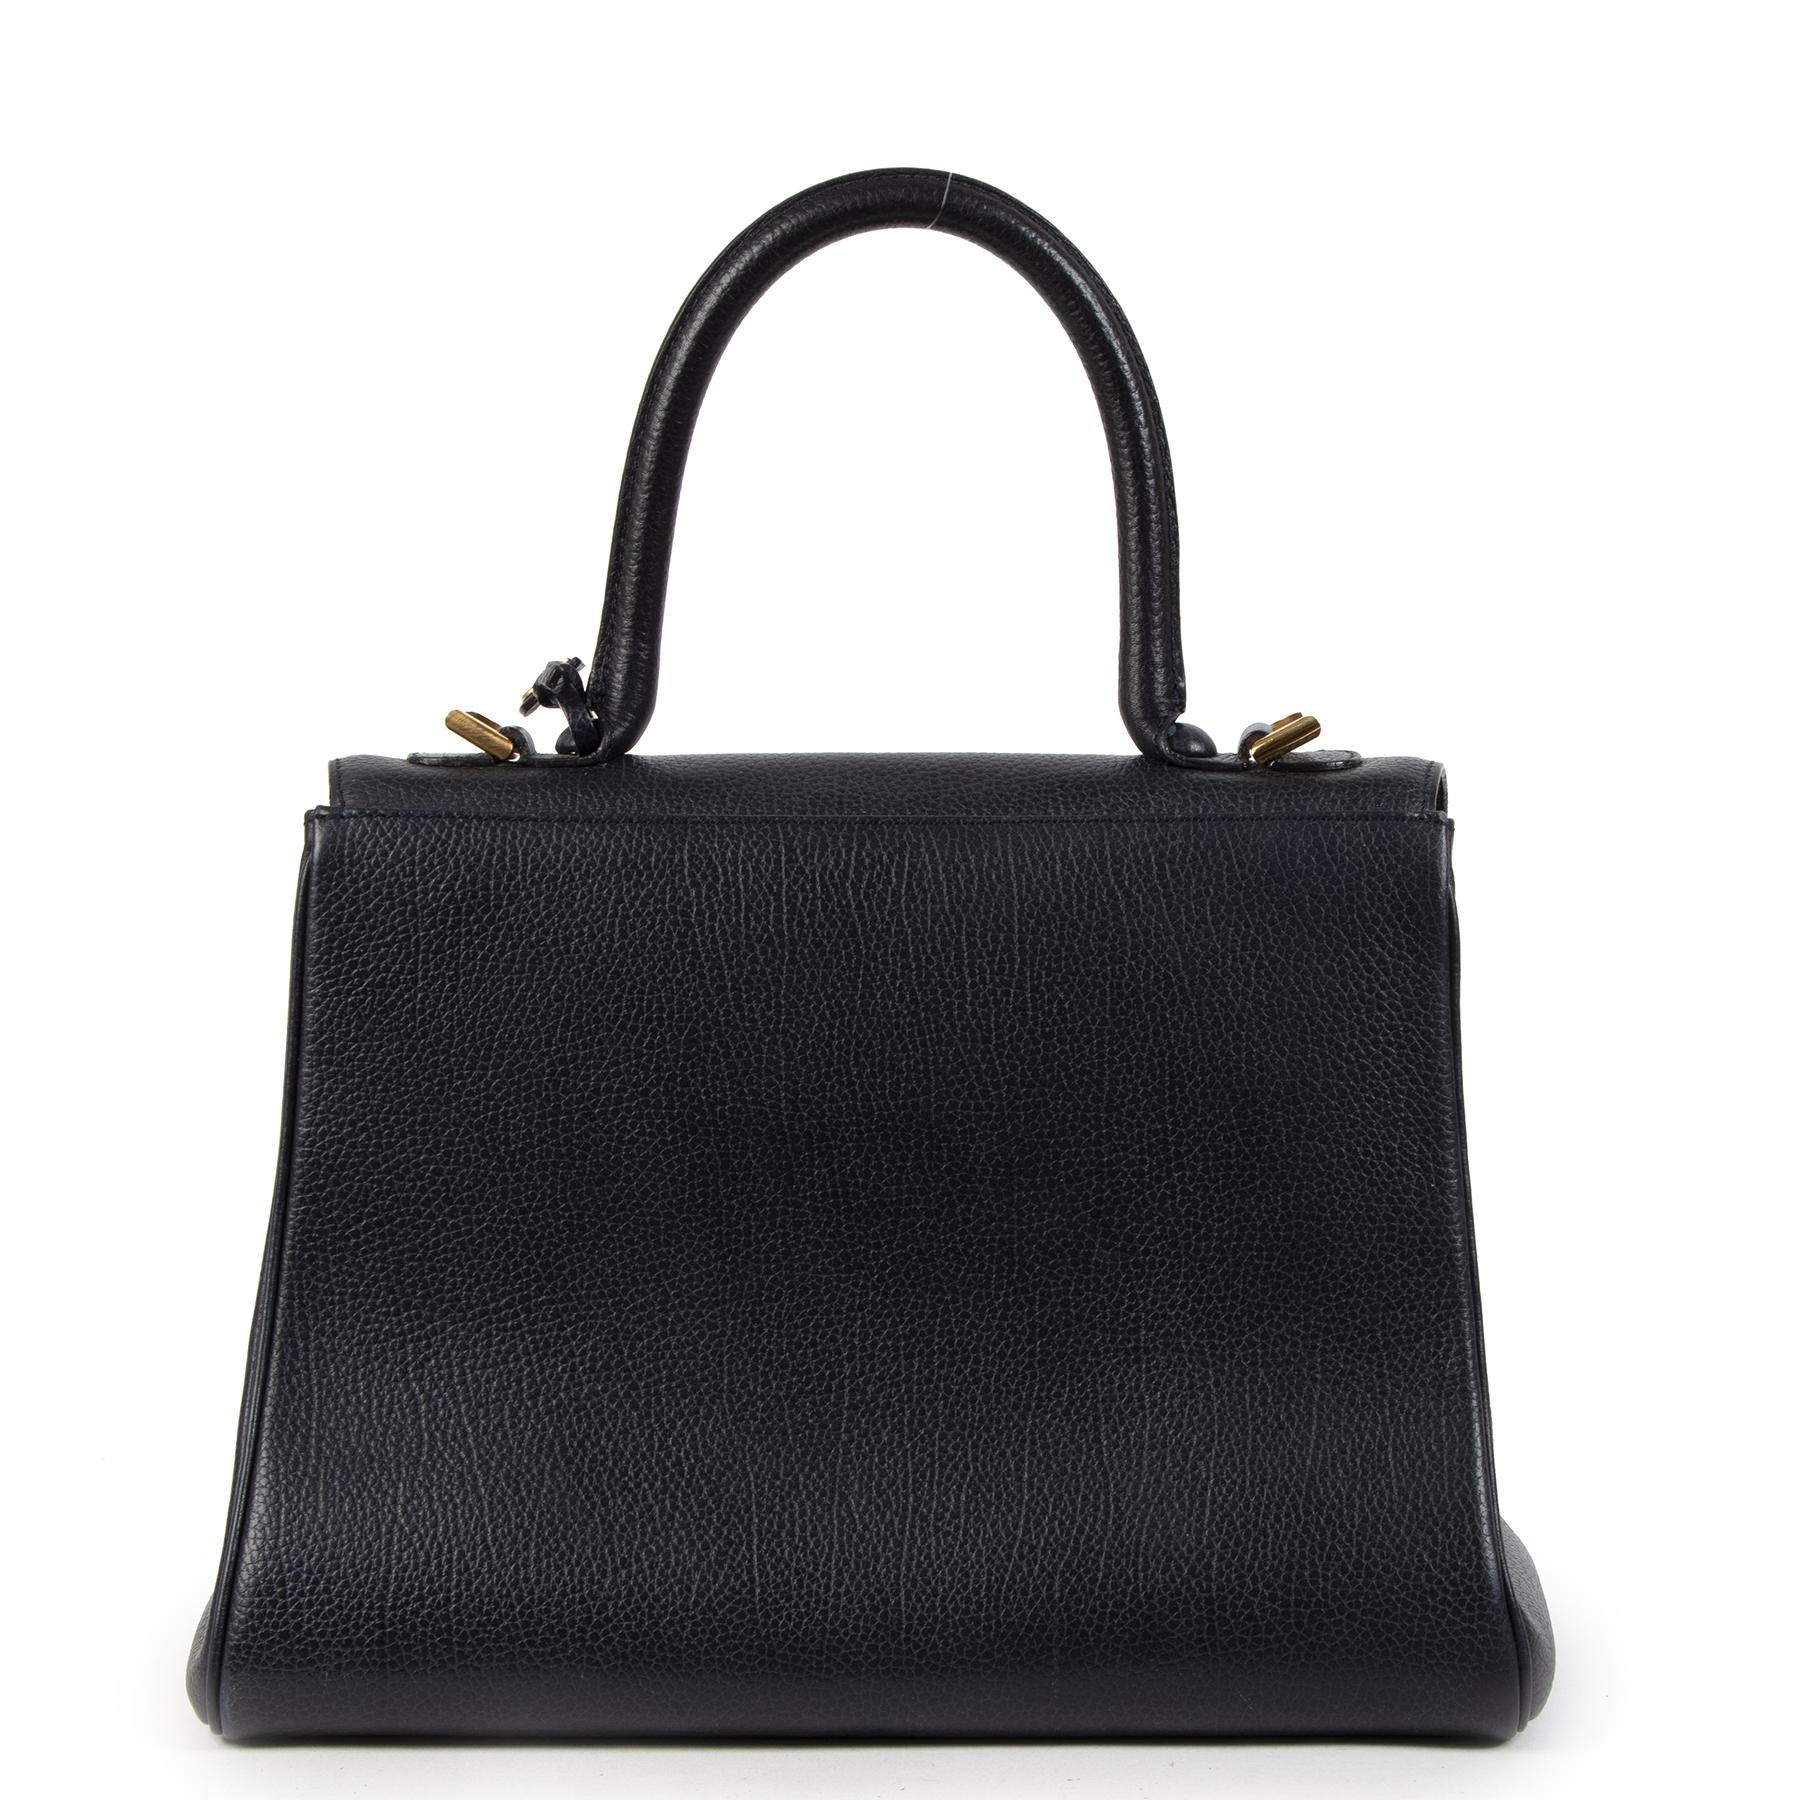 Acheter autentic Delvaux Dark Blue Brillant MM d'occasion au bon prix en toute sécurité LabelLOV boutique en ligne Anvers Belgique